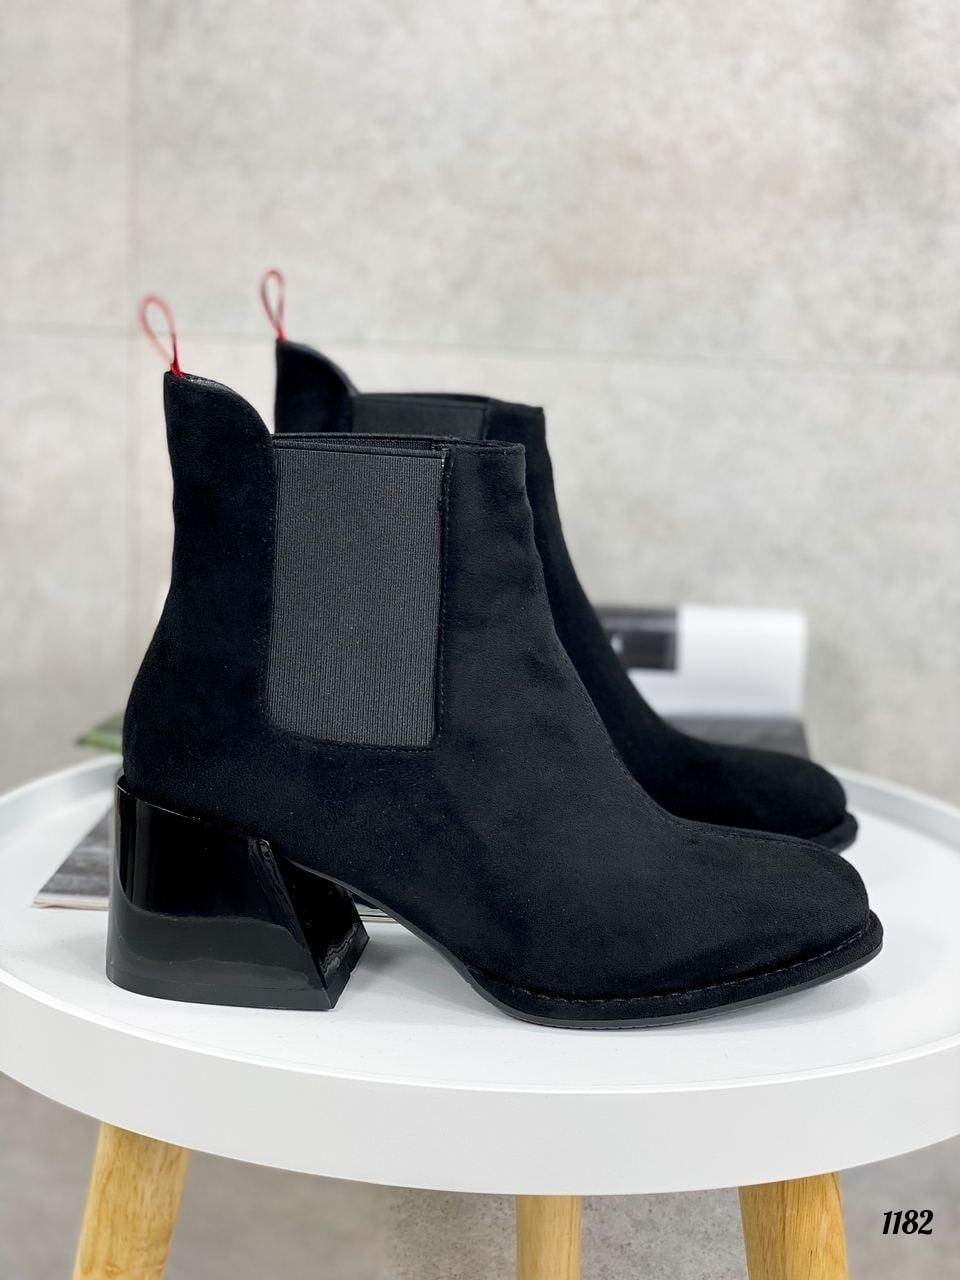 Женские ботильоны-ботинки  ДЕМИ / осенние на каблуке 6 см черные эко замша